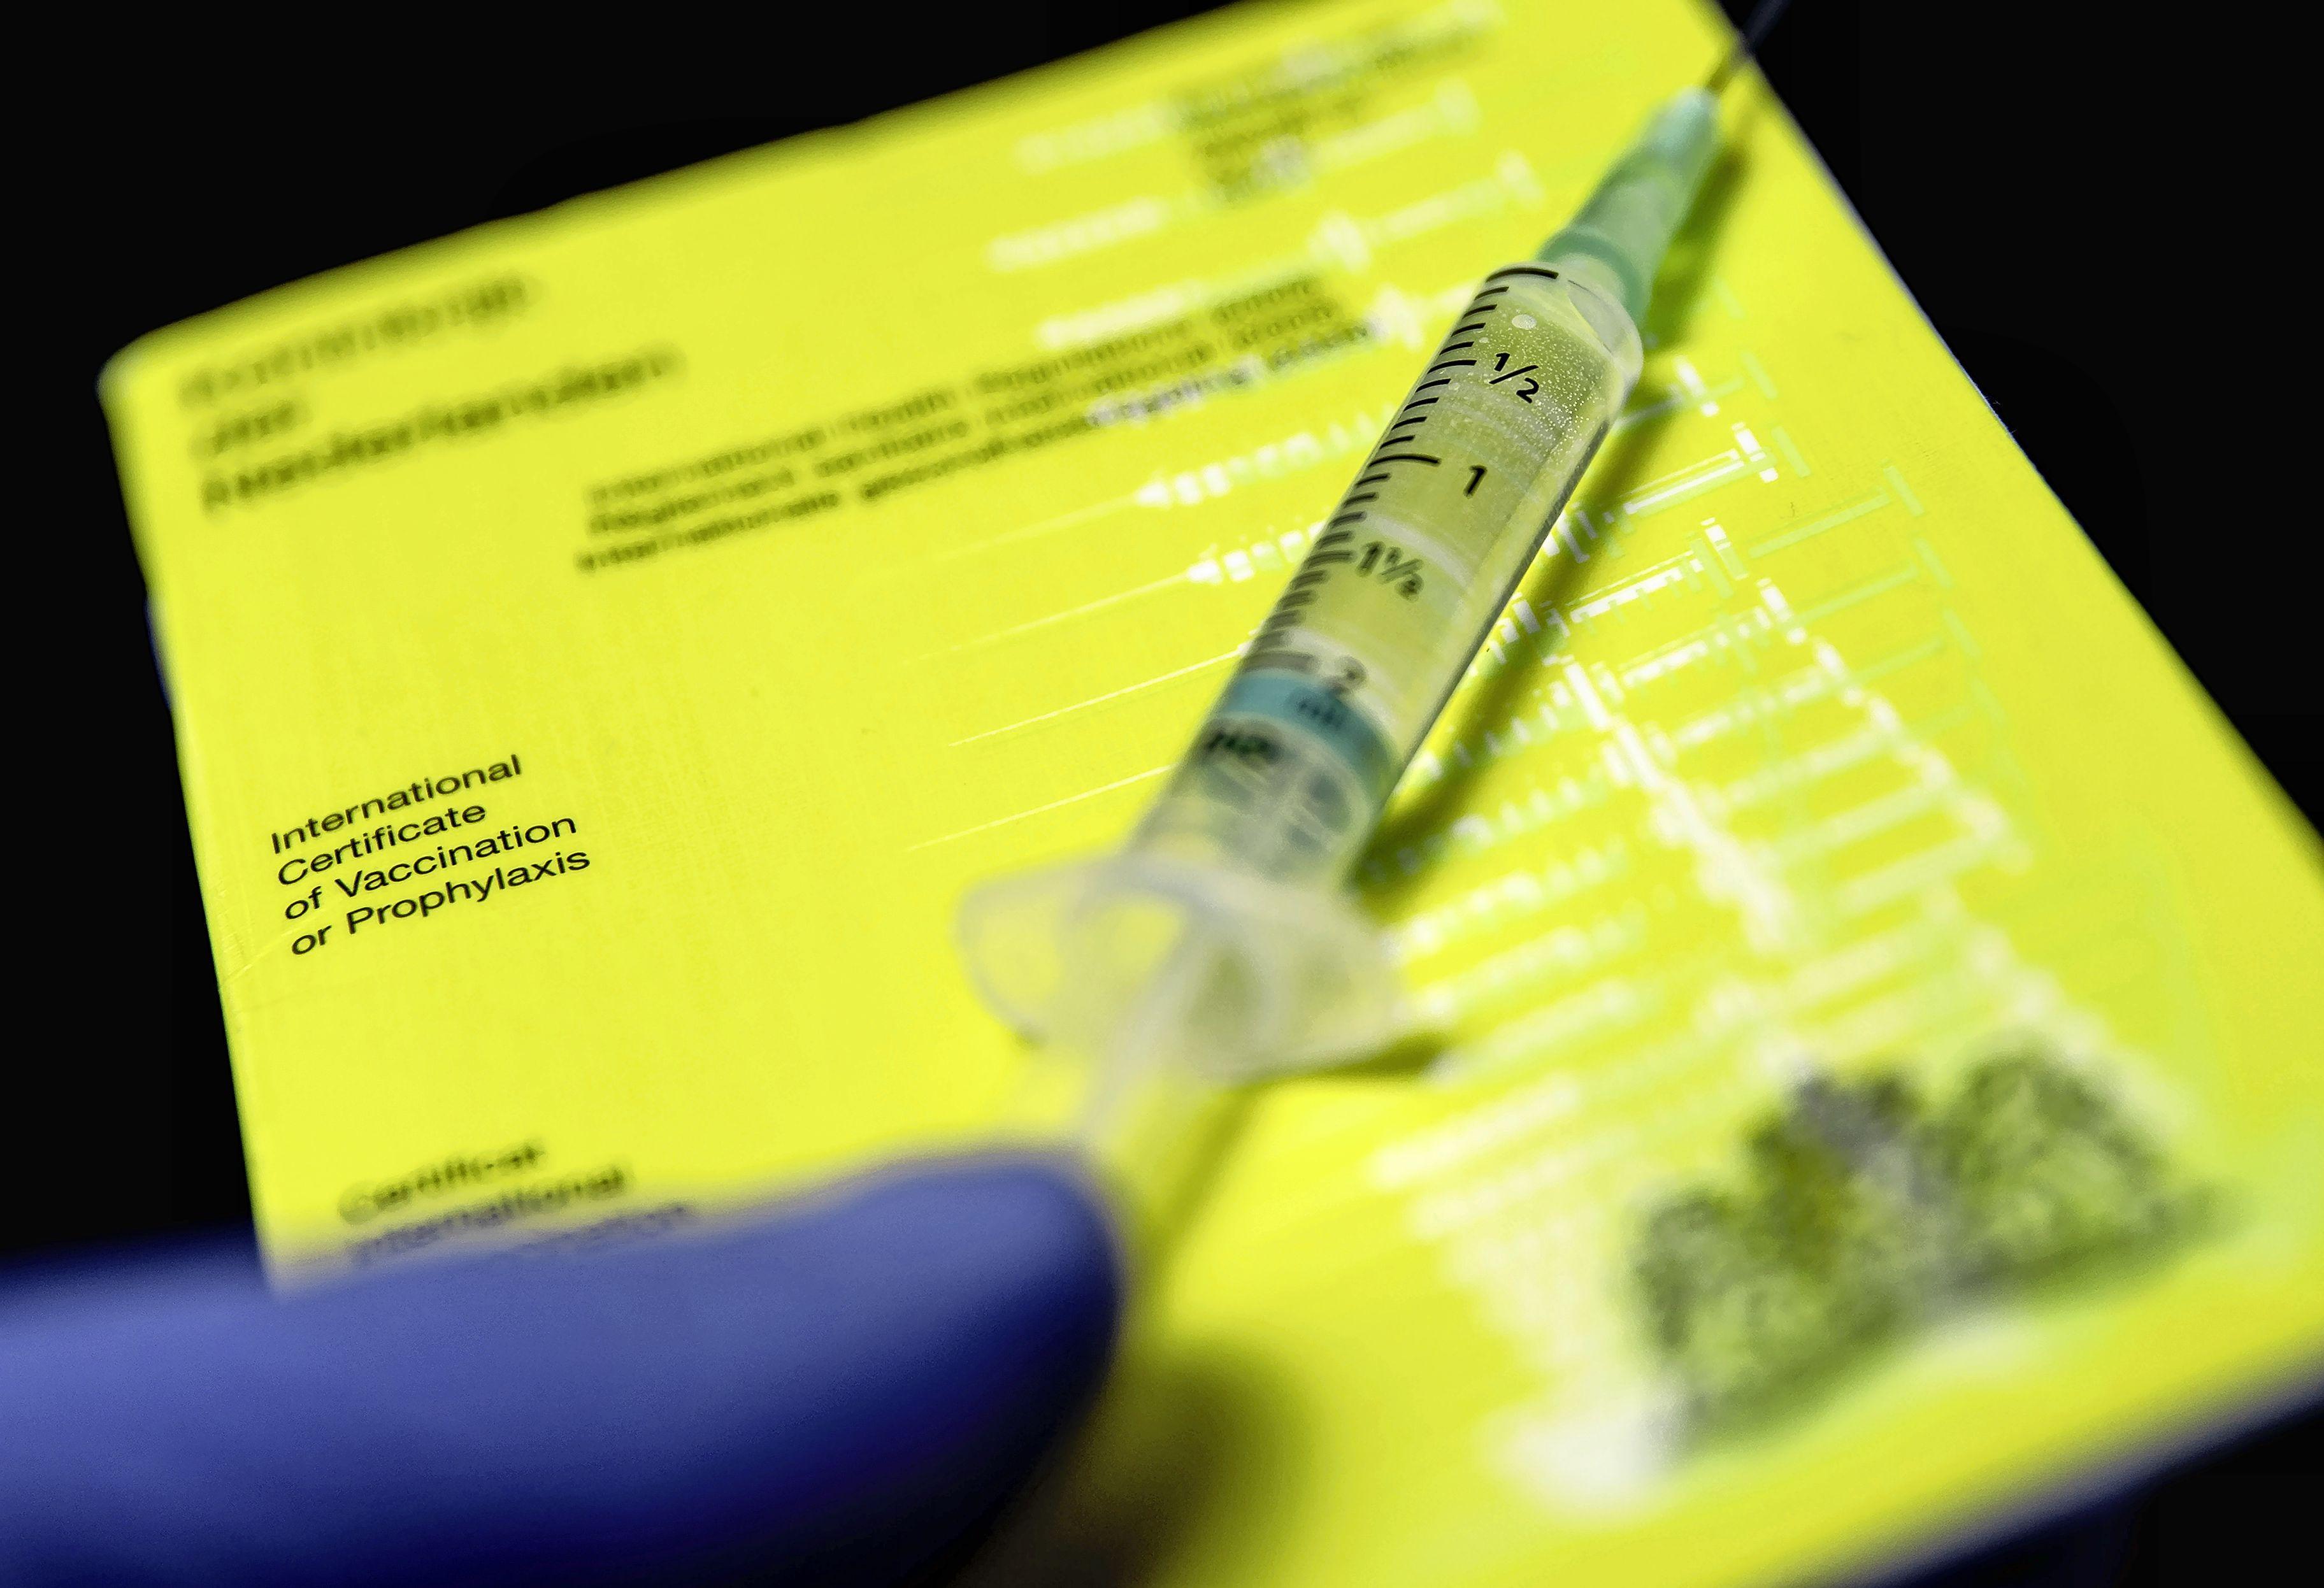 Veel vraag naar vaccinatiestempel in het gele boekje: 'Ingewikkeld dat dit er nu ineens bij komt. Je kunt er helemaal geen rechten aan ontlenen'